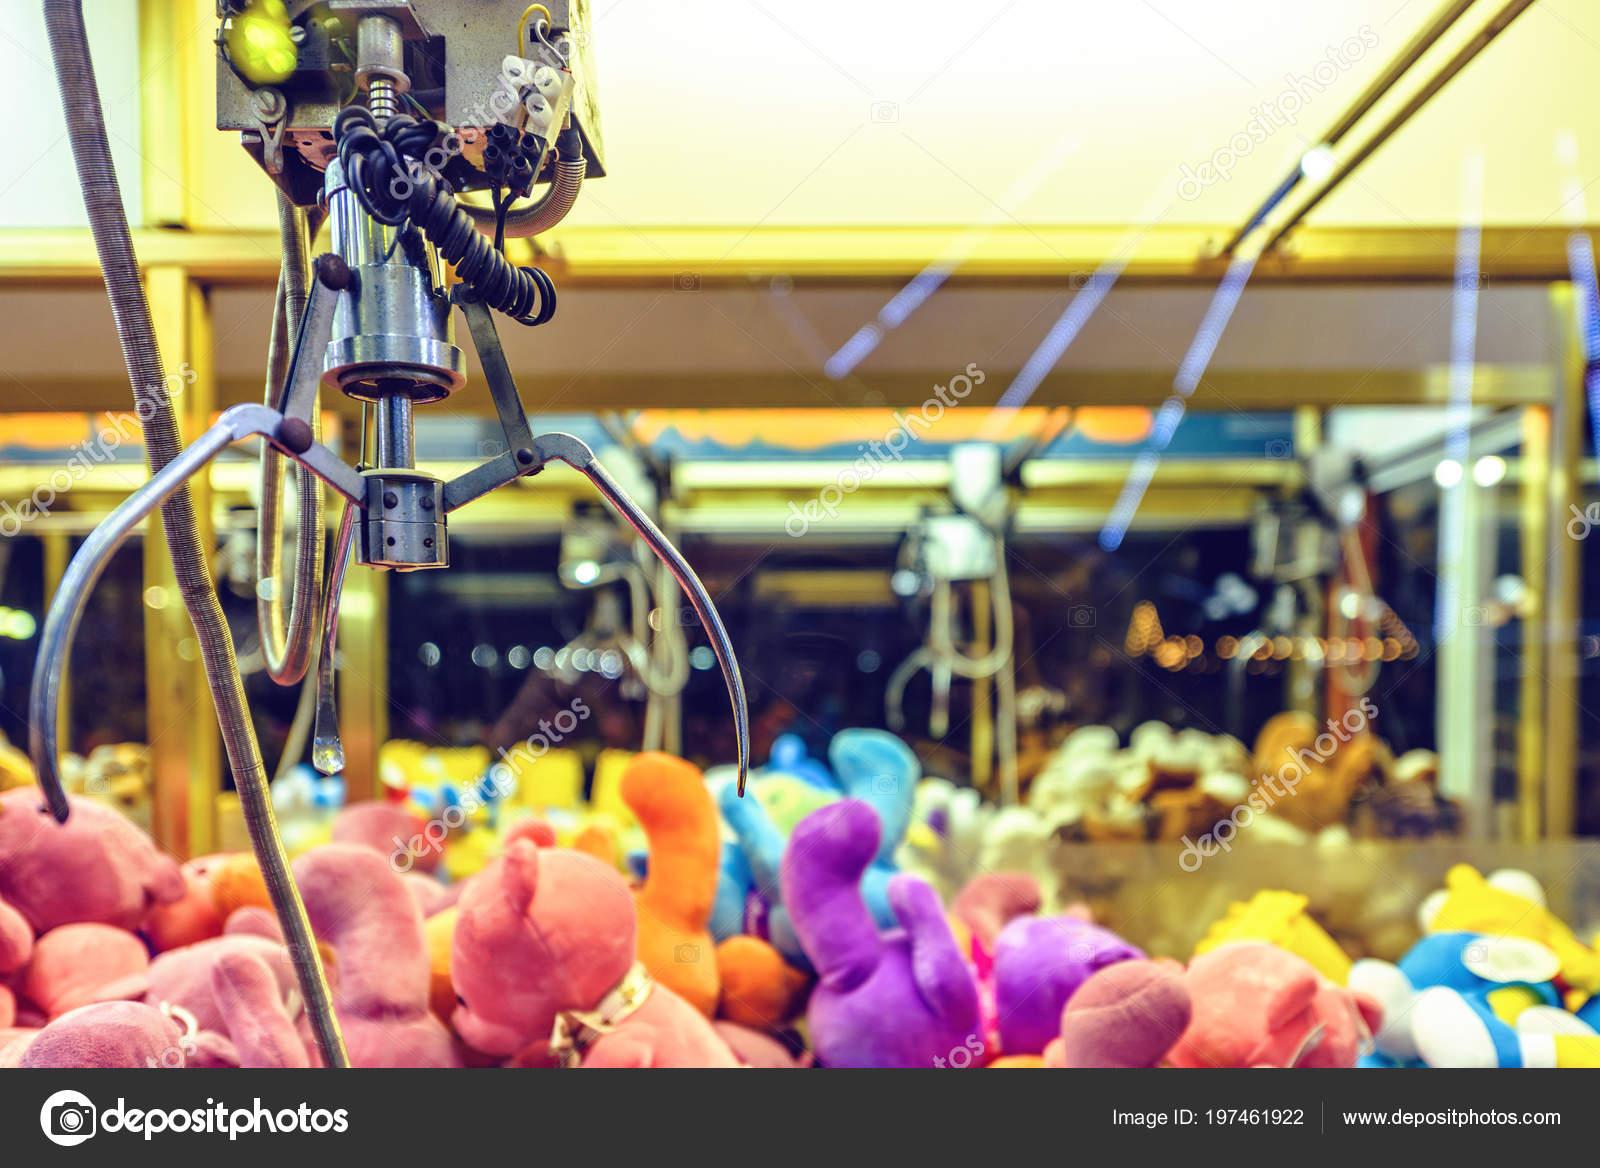 Noční Pohled Dráp Stroj Plné Barevné Plyšové Hračky Světla Svítí ... a3fc03b1b1